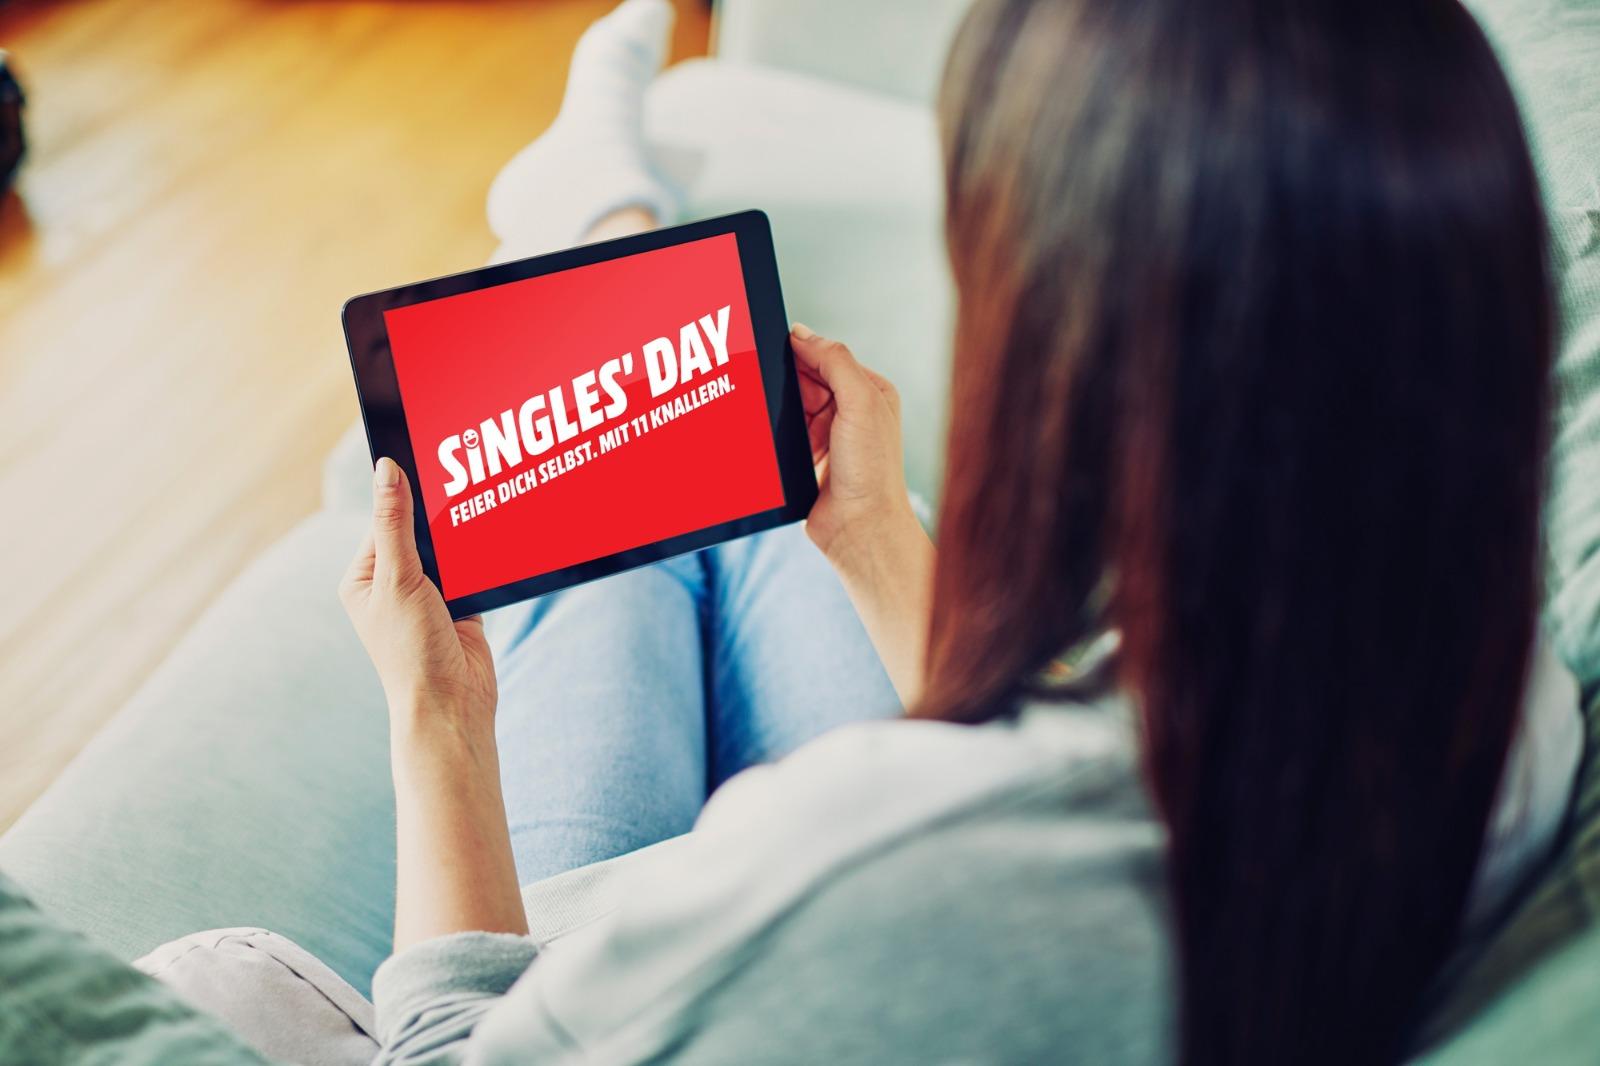 Singles Day Angebote bei MediaMarkt & Saturn: Huawei P30, Xiaomi Mi 9, Google Pixel 3a und mehr